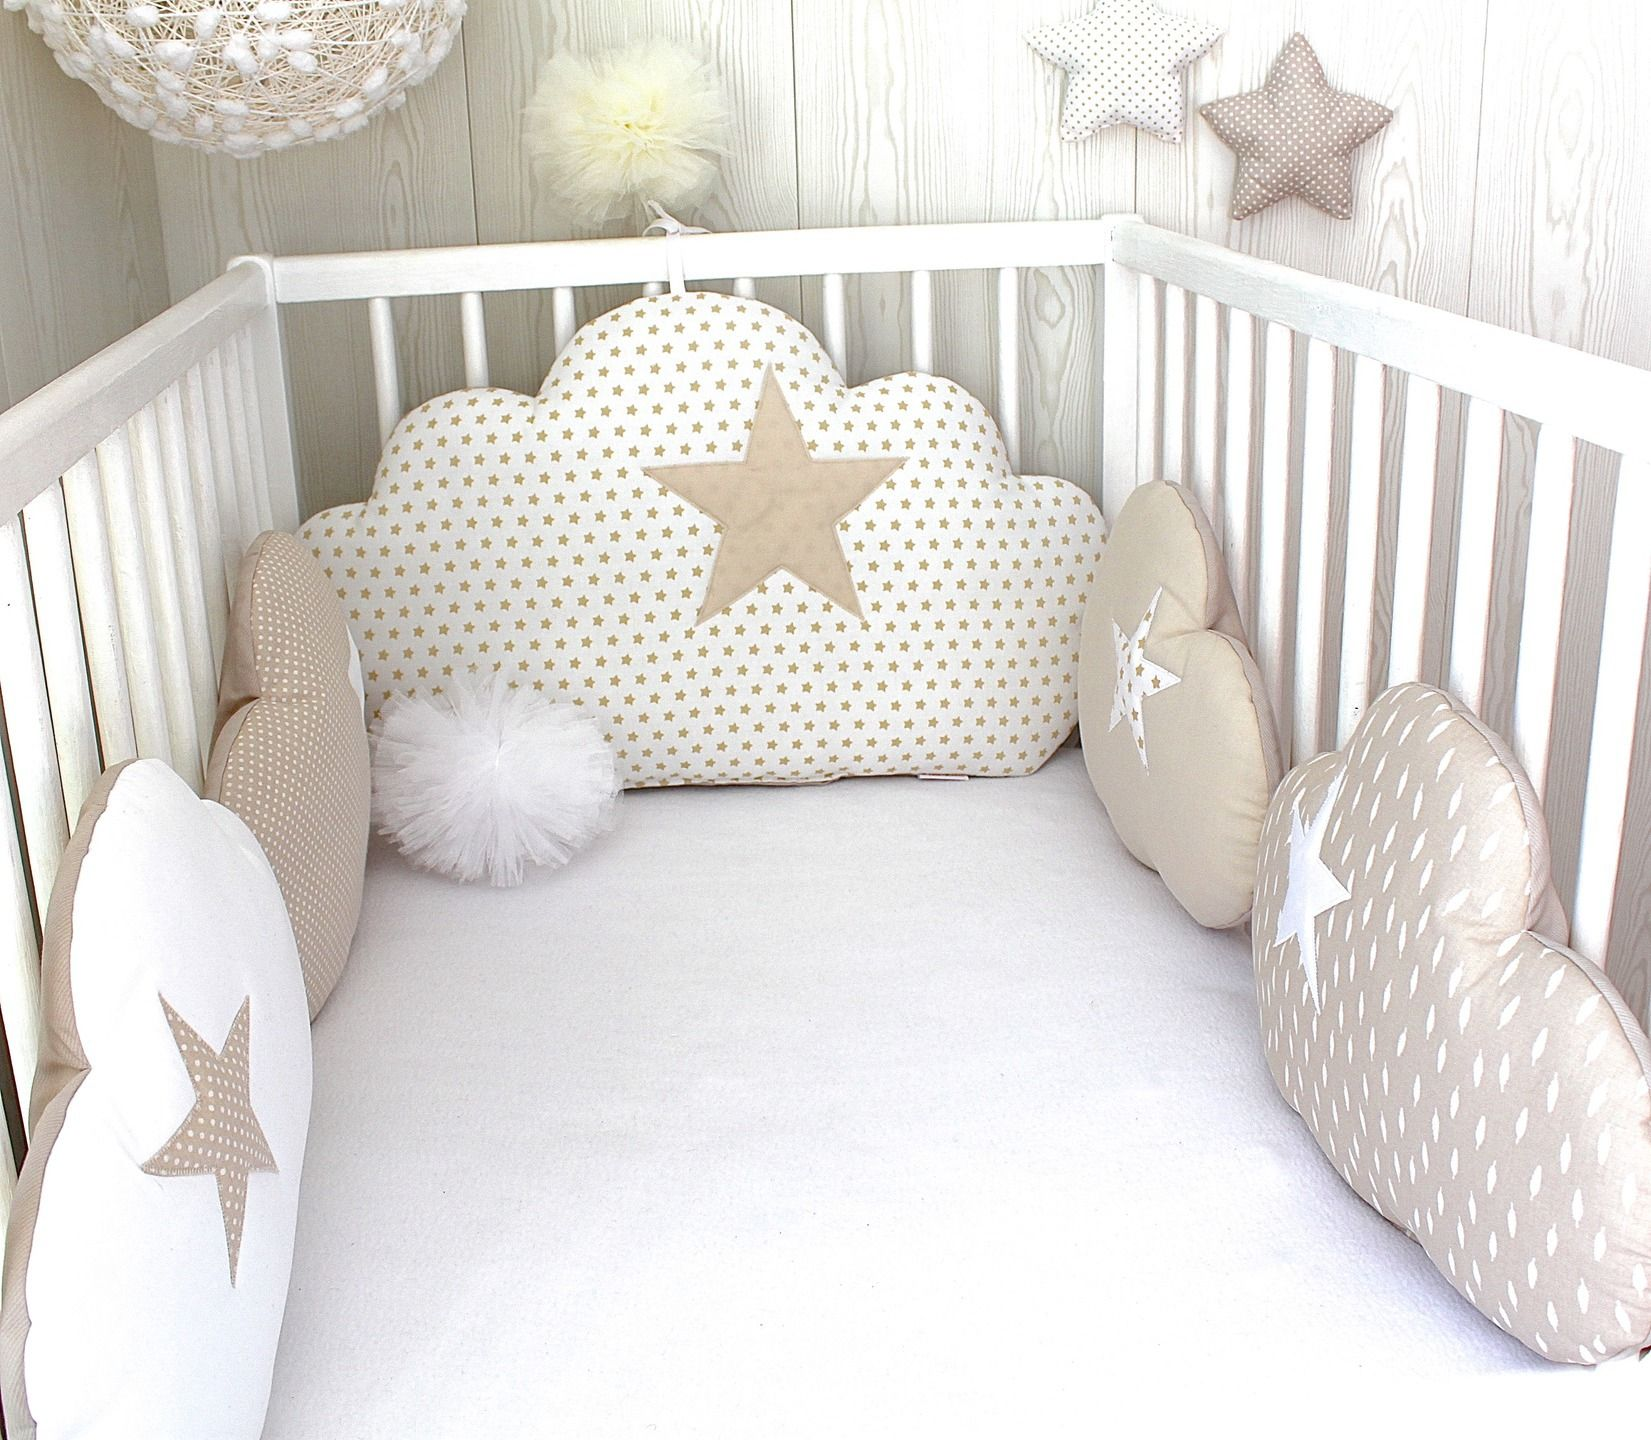 Tour de lit bébé en 60cm large, nuages, 5 coussins , ton beige et ...